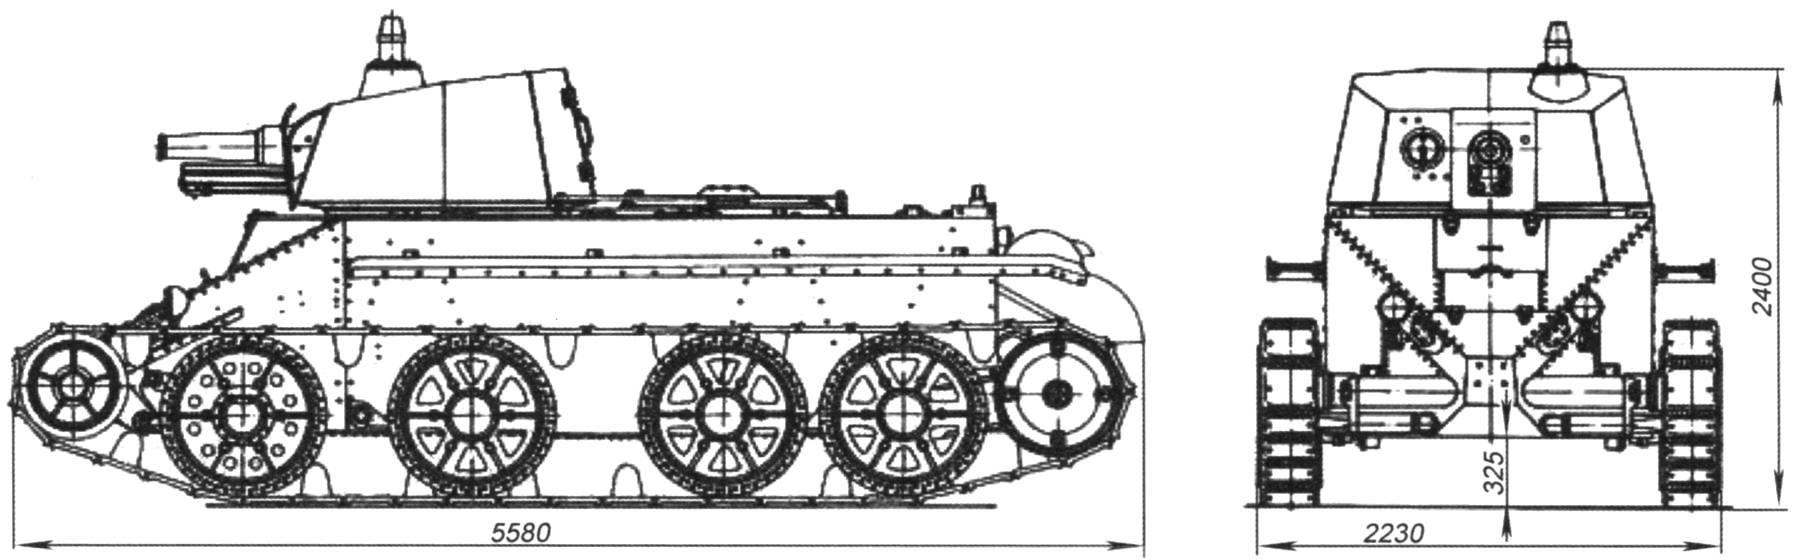 Tank Dyrenkova D-38